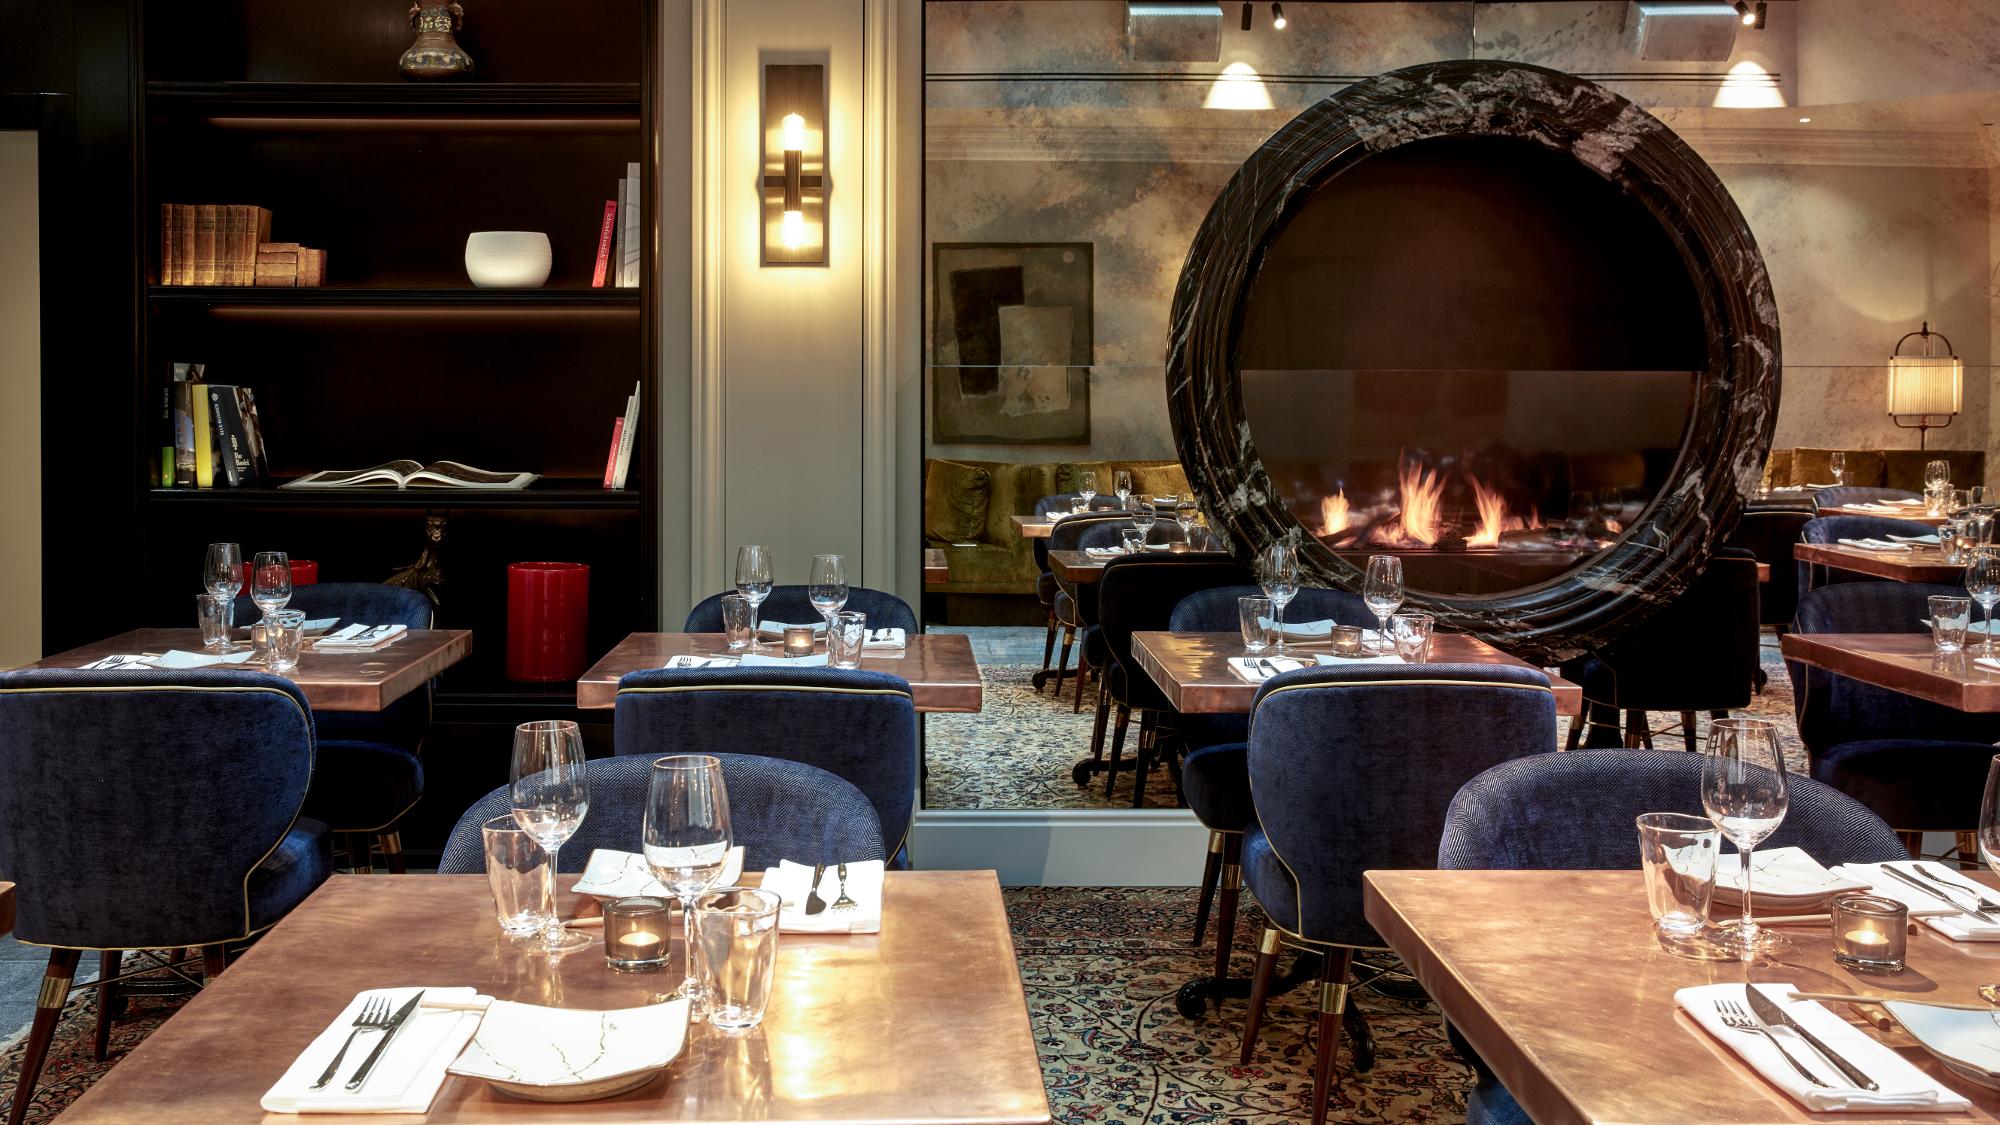 Sir Nikolai IZAKAYA Asian Kitchen and Bar Interior featuring large open fireplace